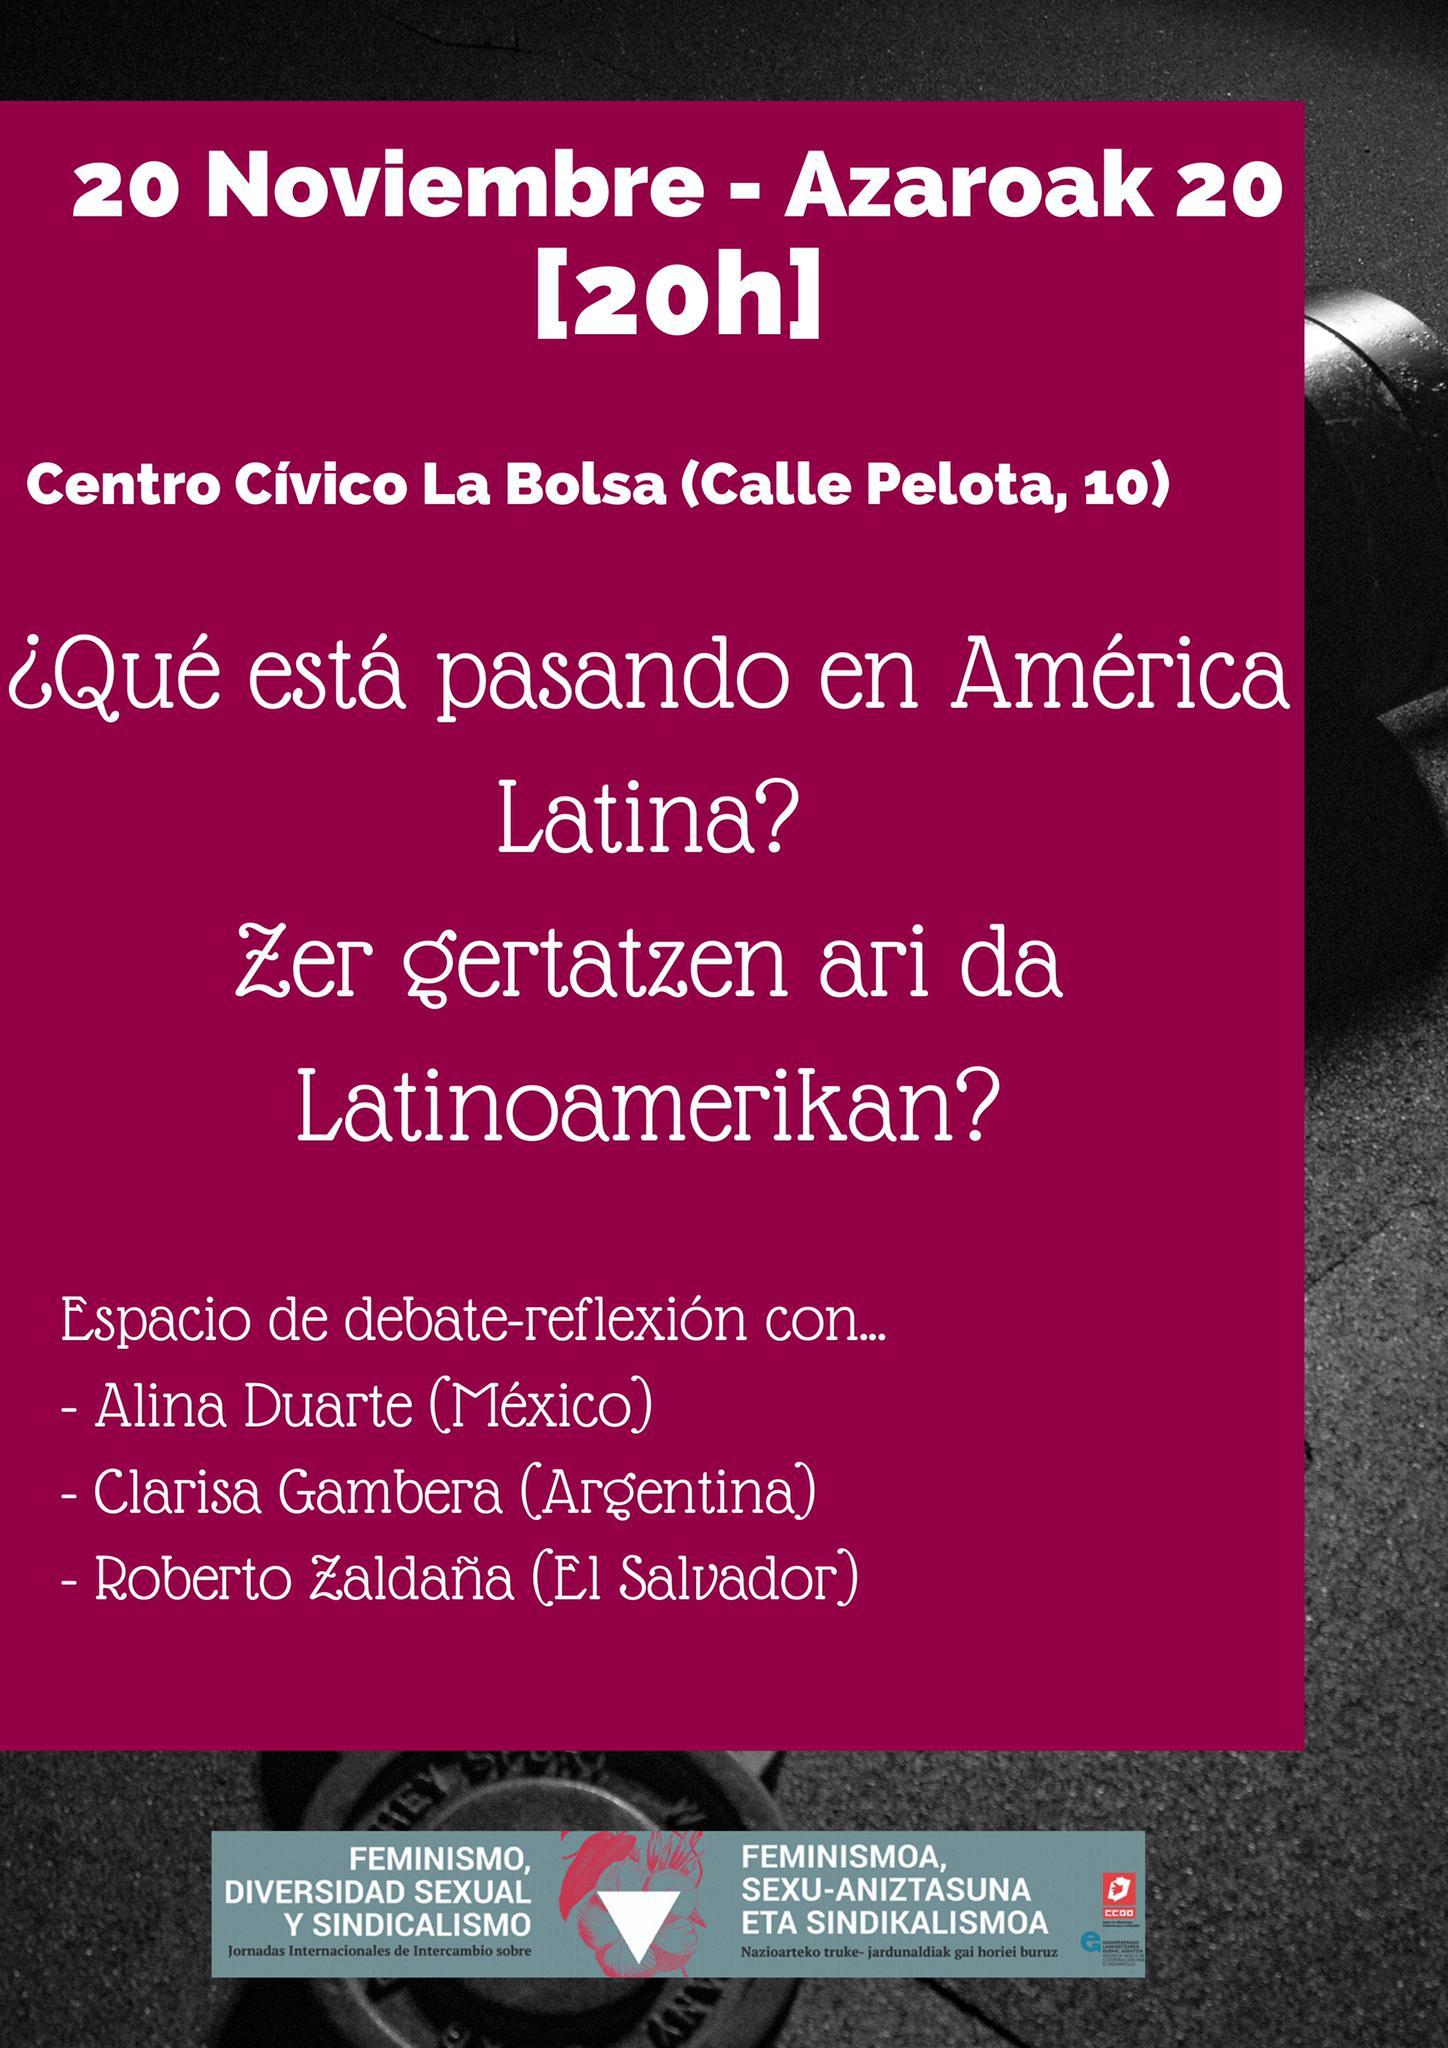 ¿Qué está pasando en América Latina?